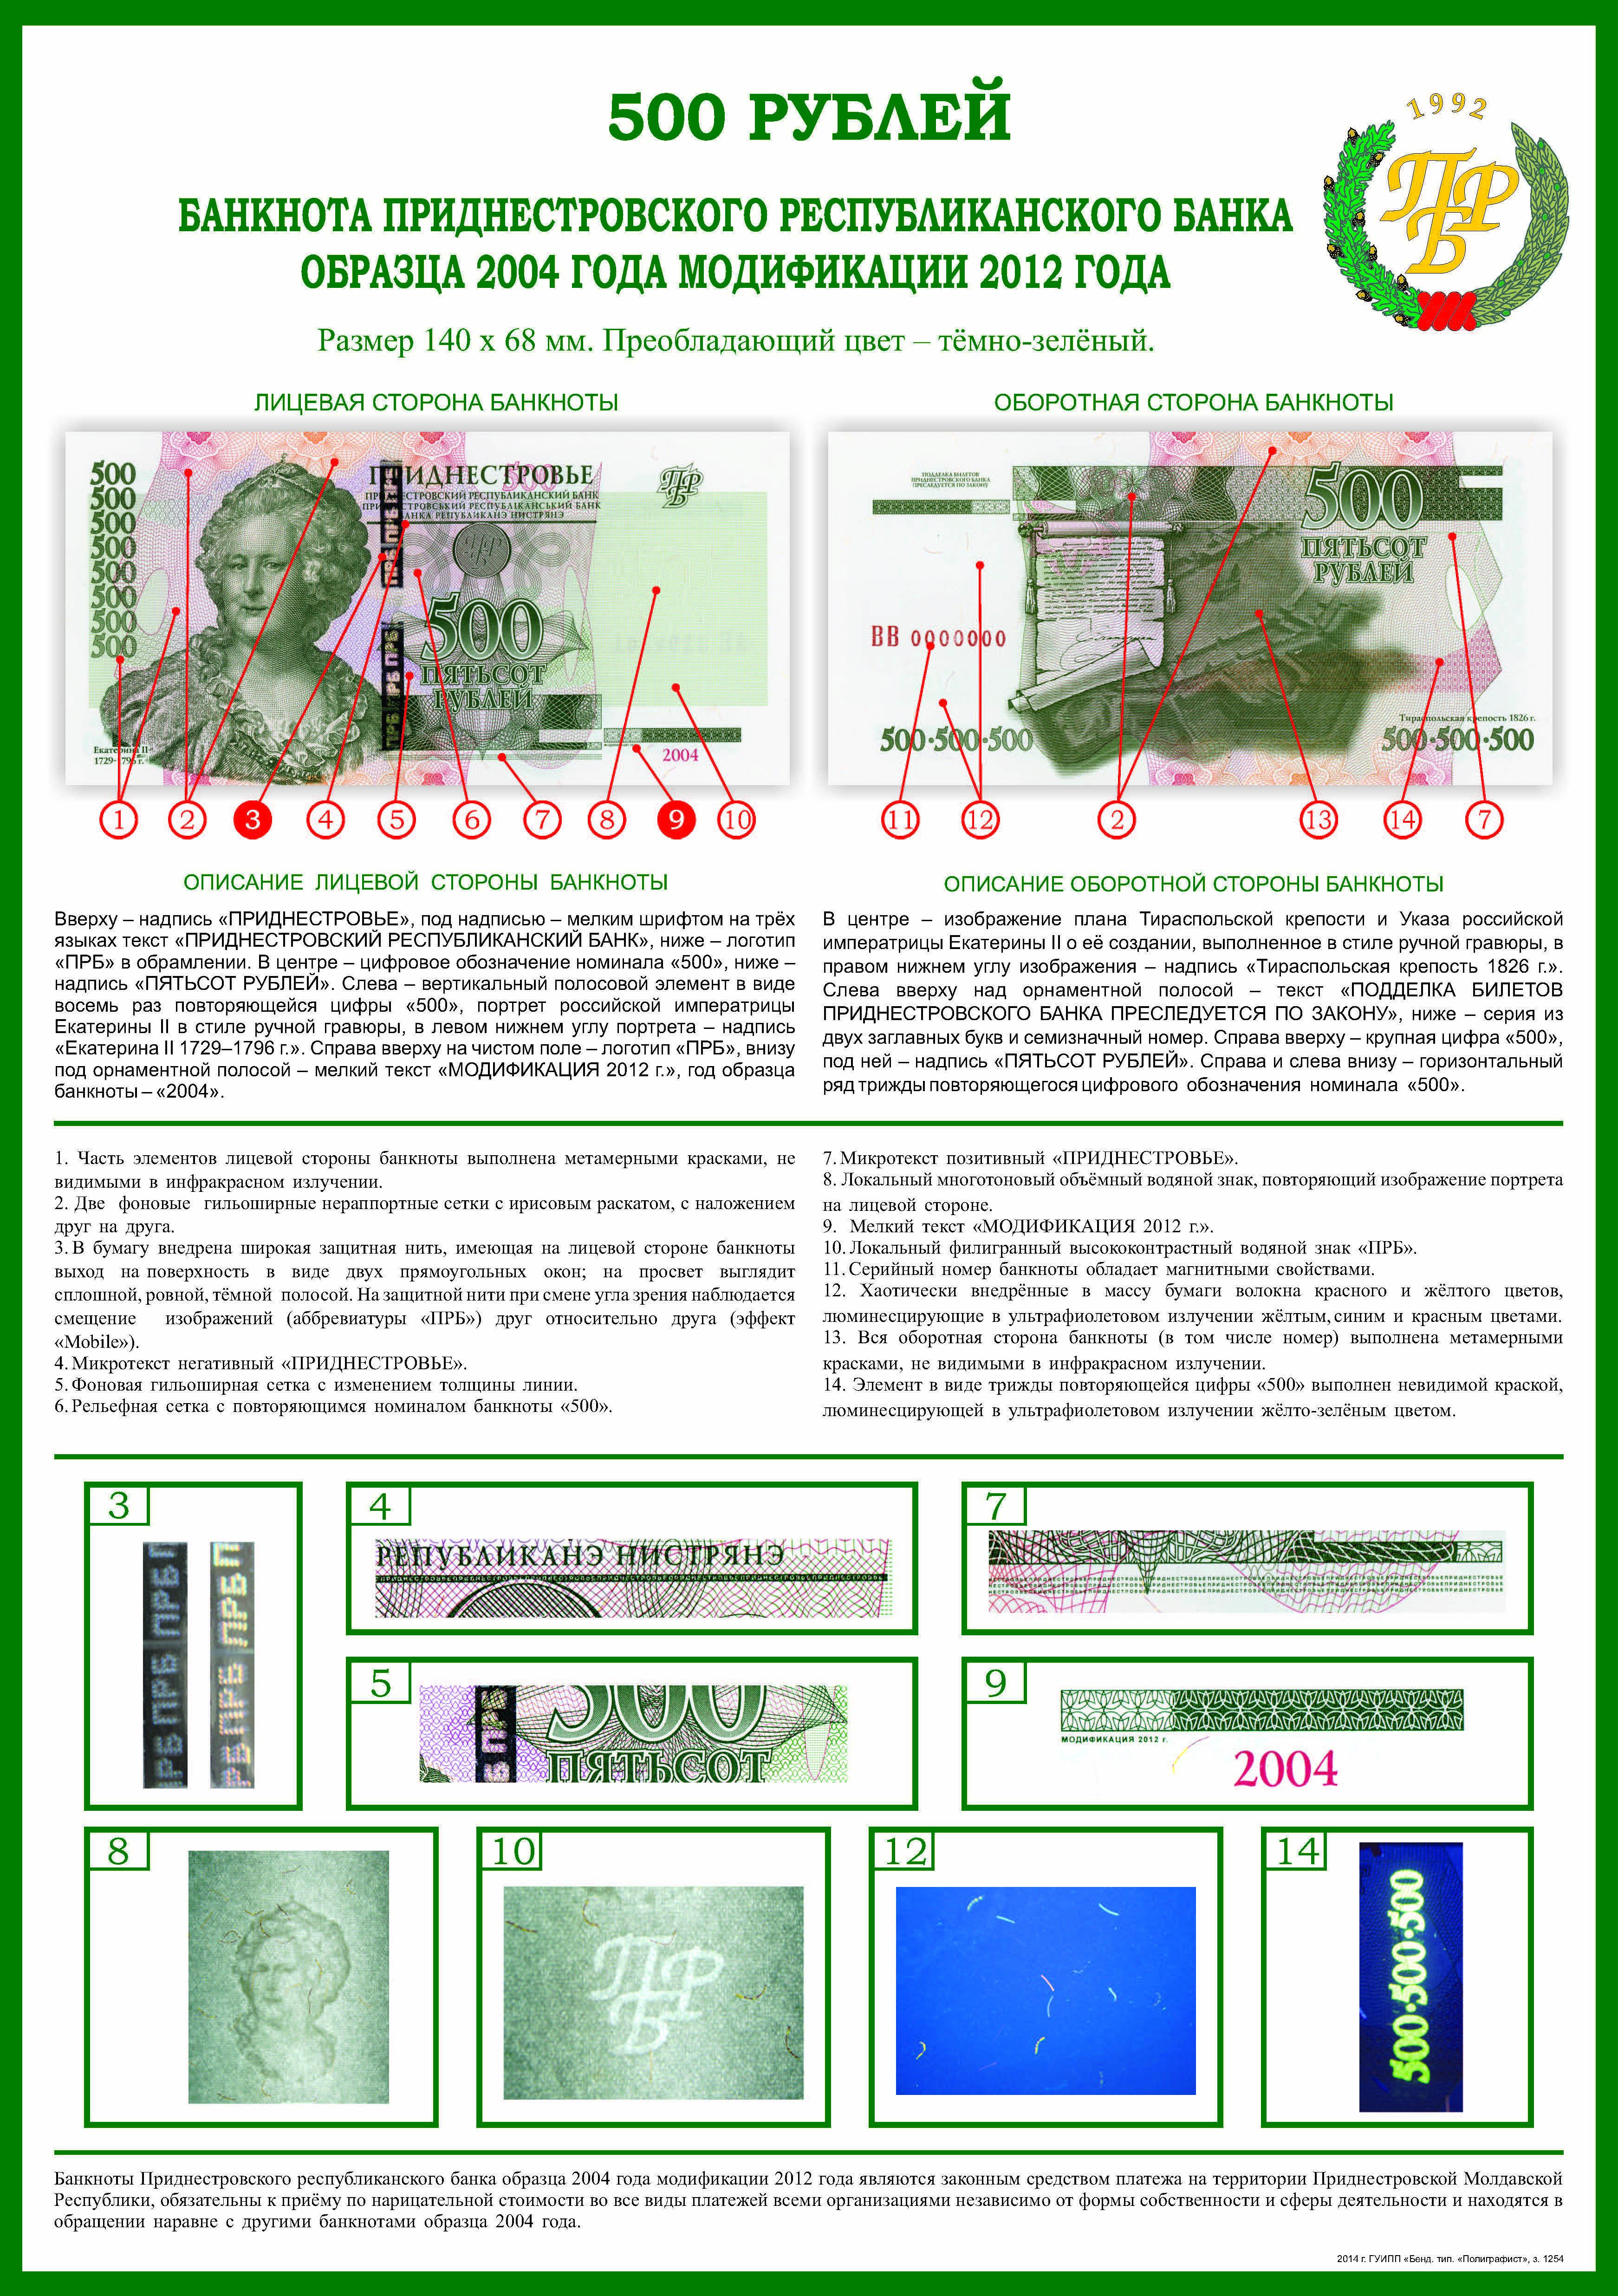 Деньги ПМР Приднестровья